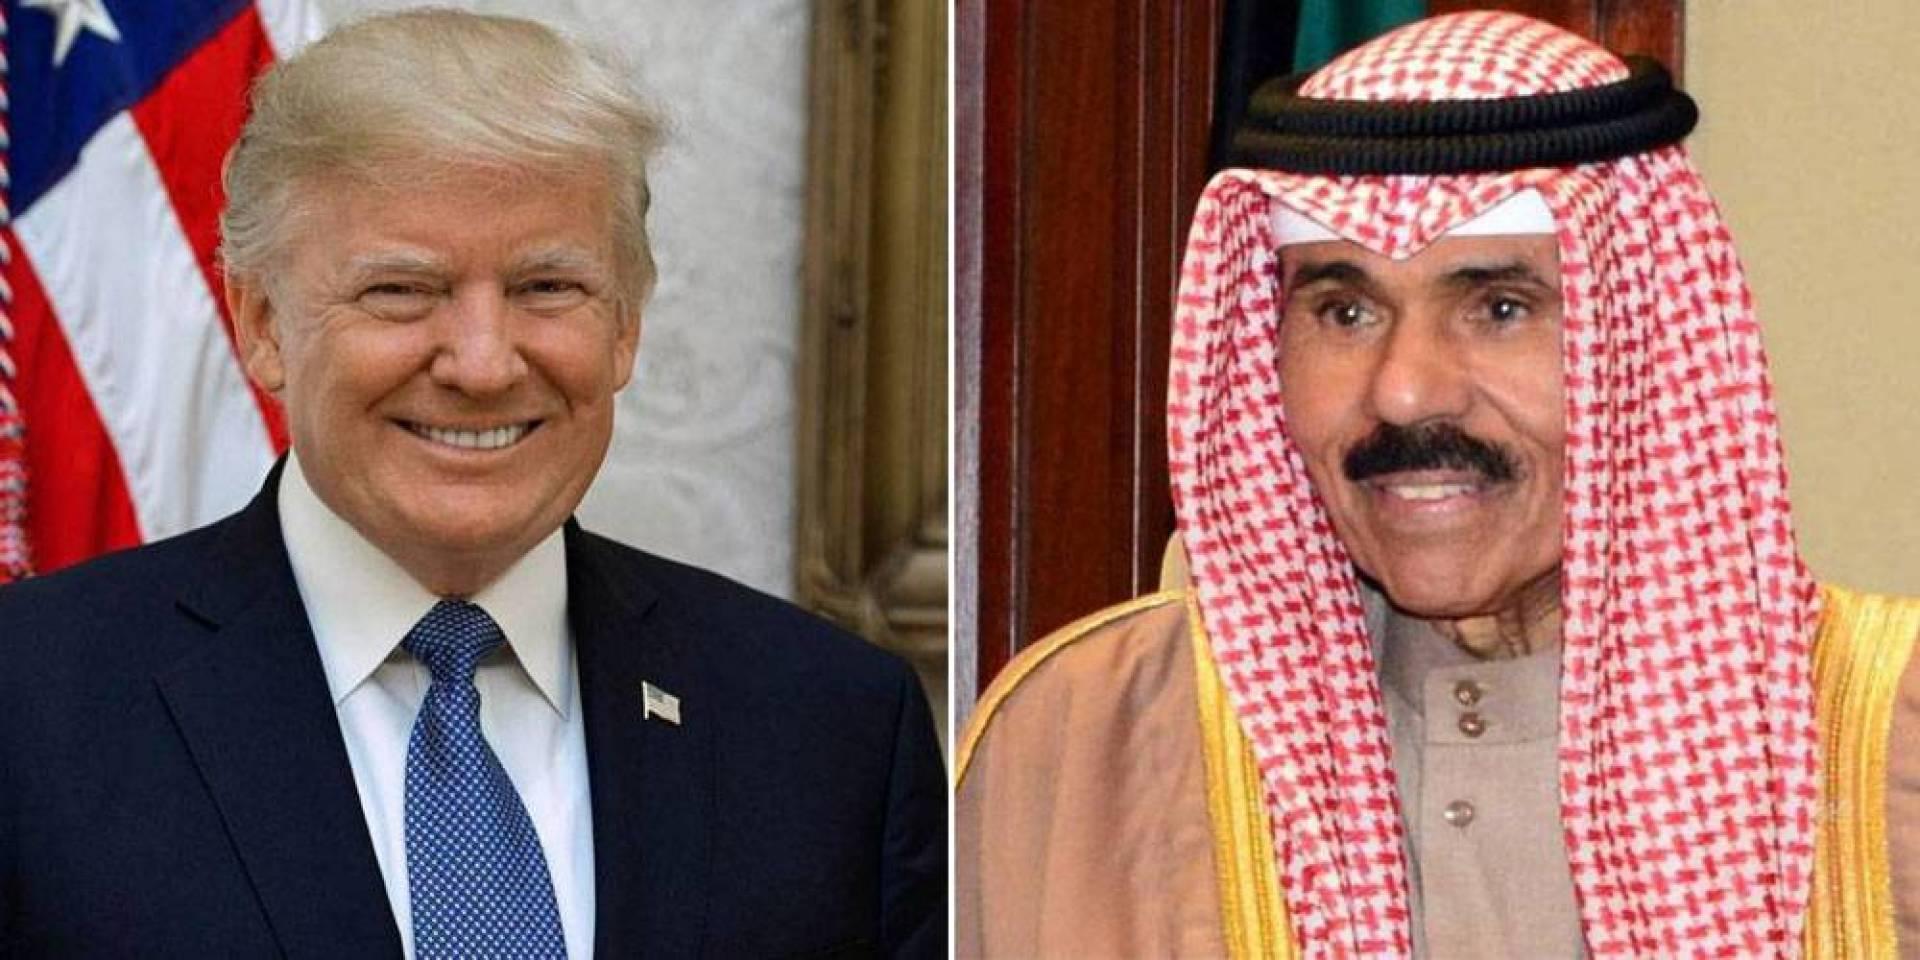 سمو نائب الأمير يشكر الرئيس ترامب: نعتز بمنح سمو الأمير وسام الاستحقاق الأميركي